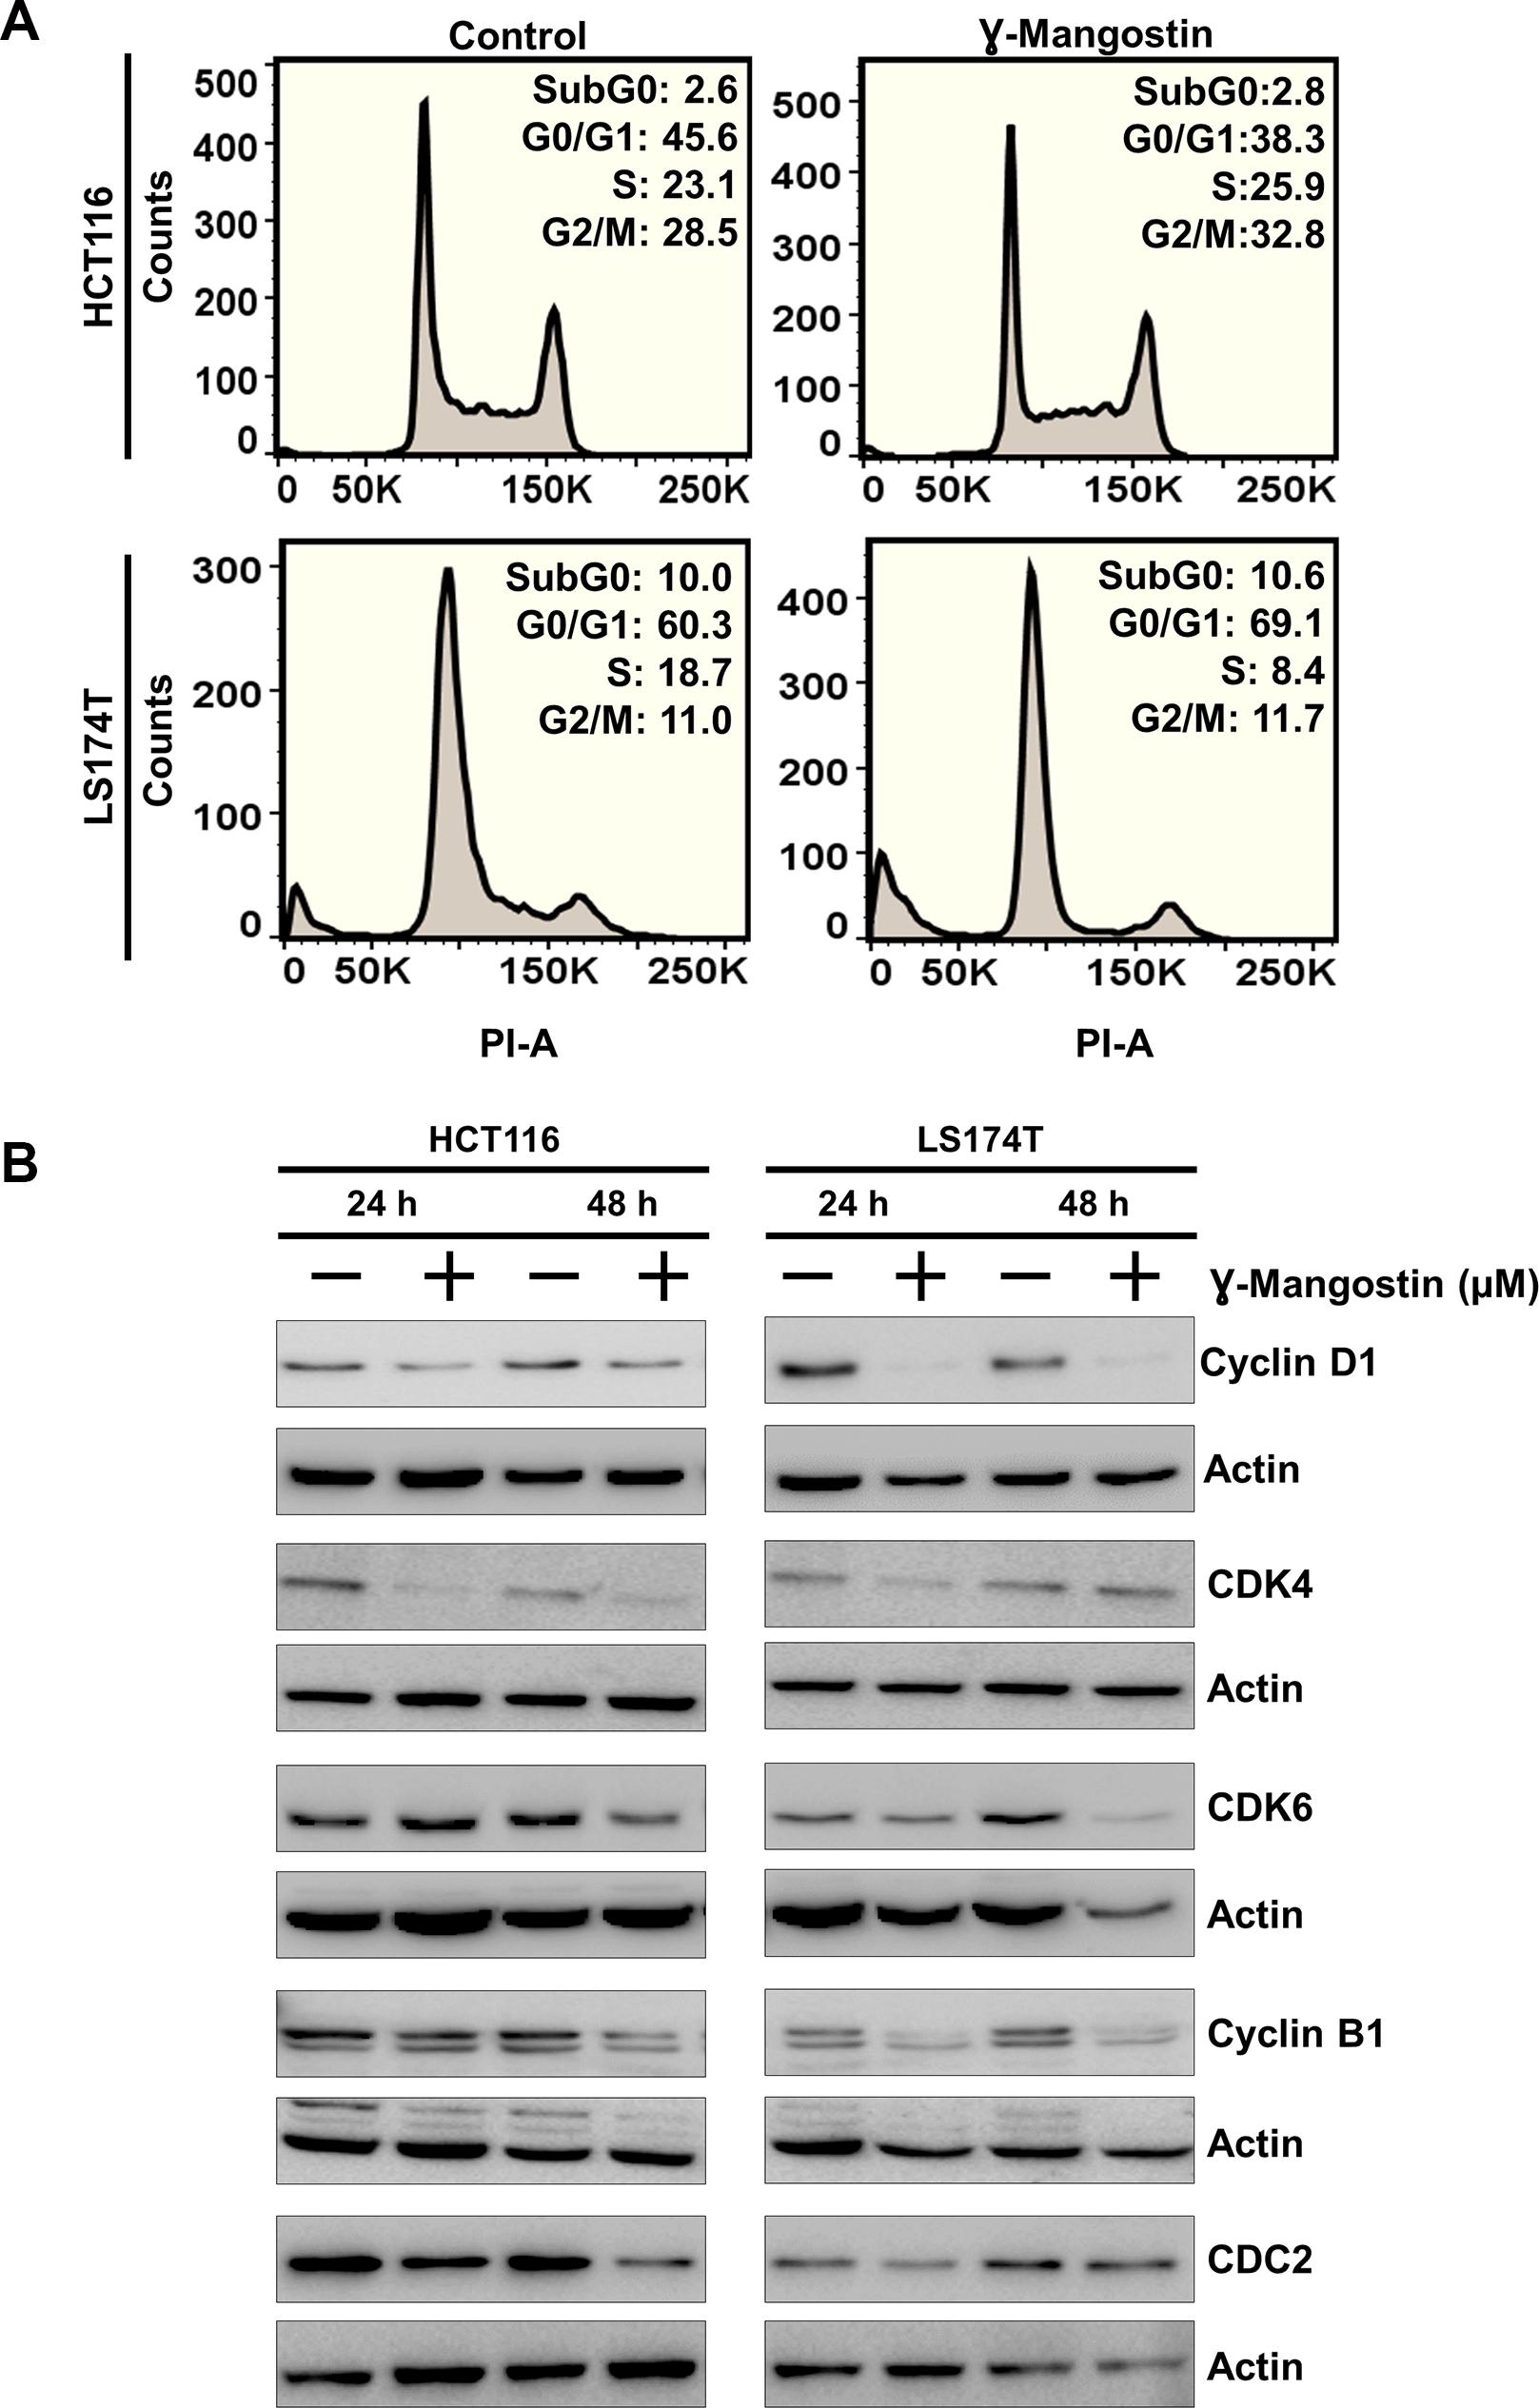 γ-Mangostin inhibits cell cycle progression.